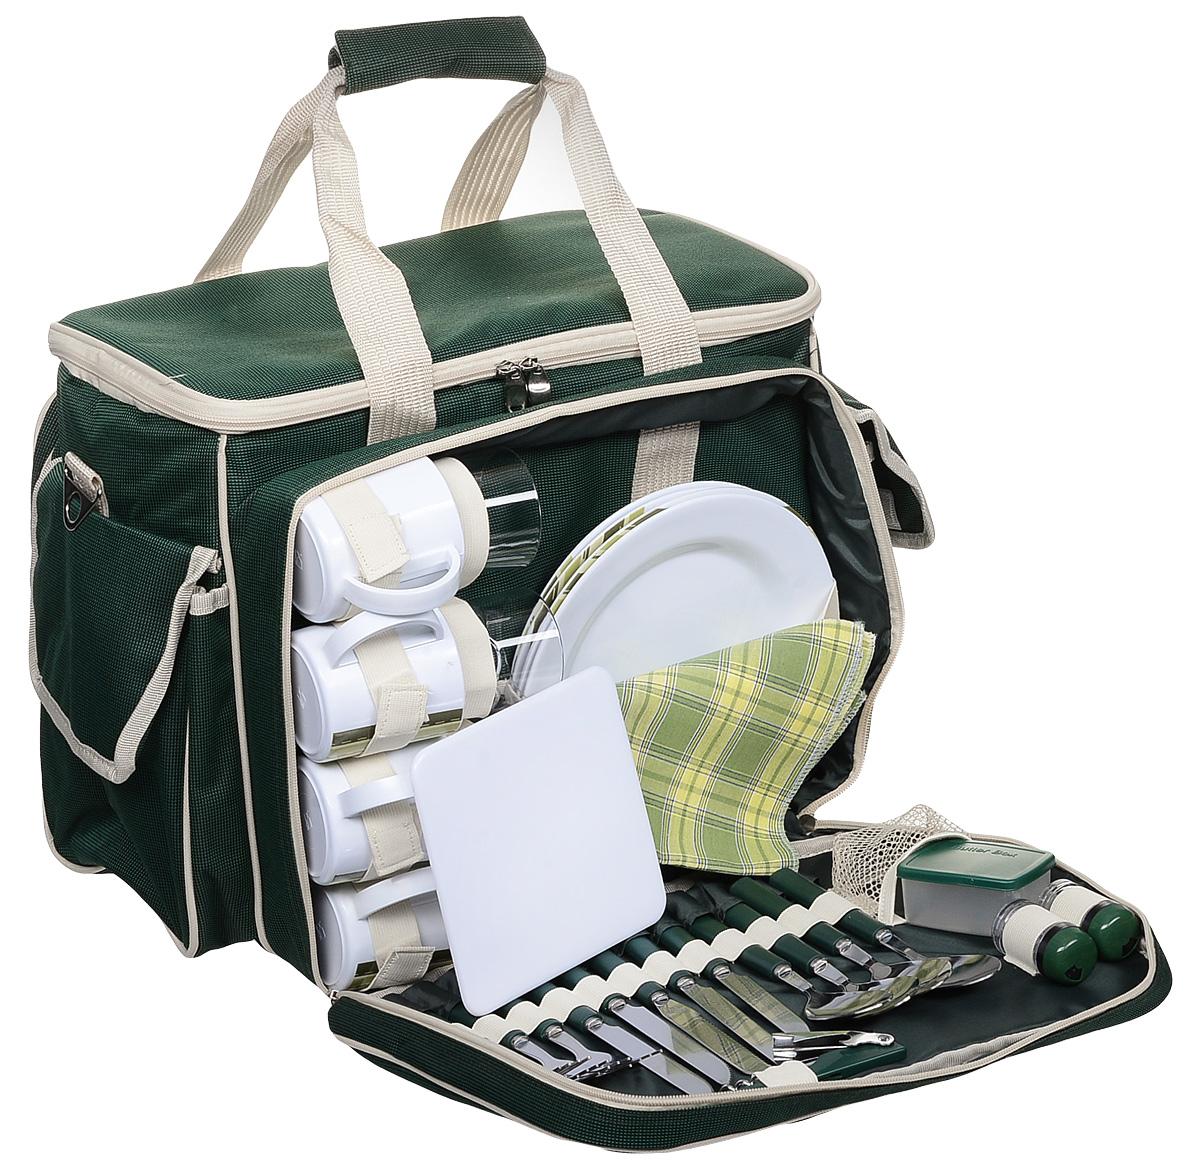 Набор для пикника Green Glade, 4 персоны, цвет: зеленый, бежевый, 35 предметов. T3134 цена